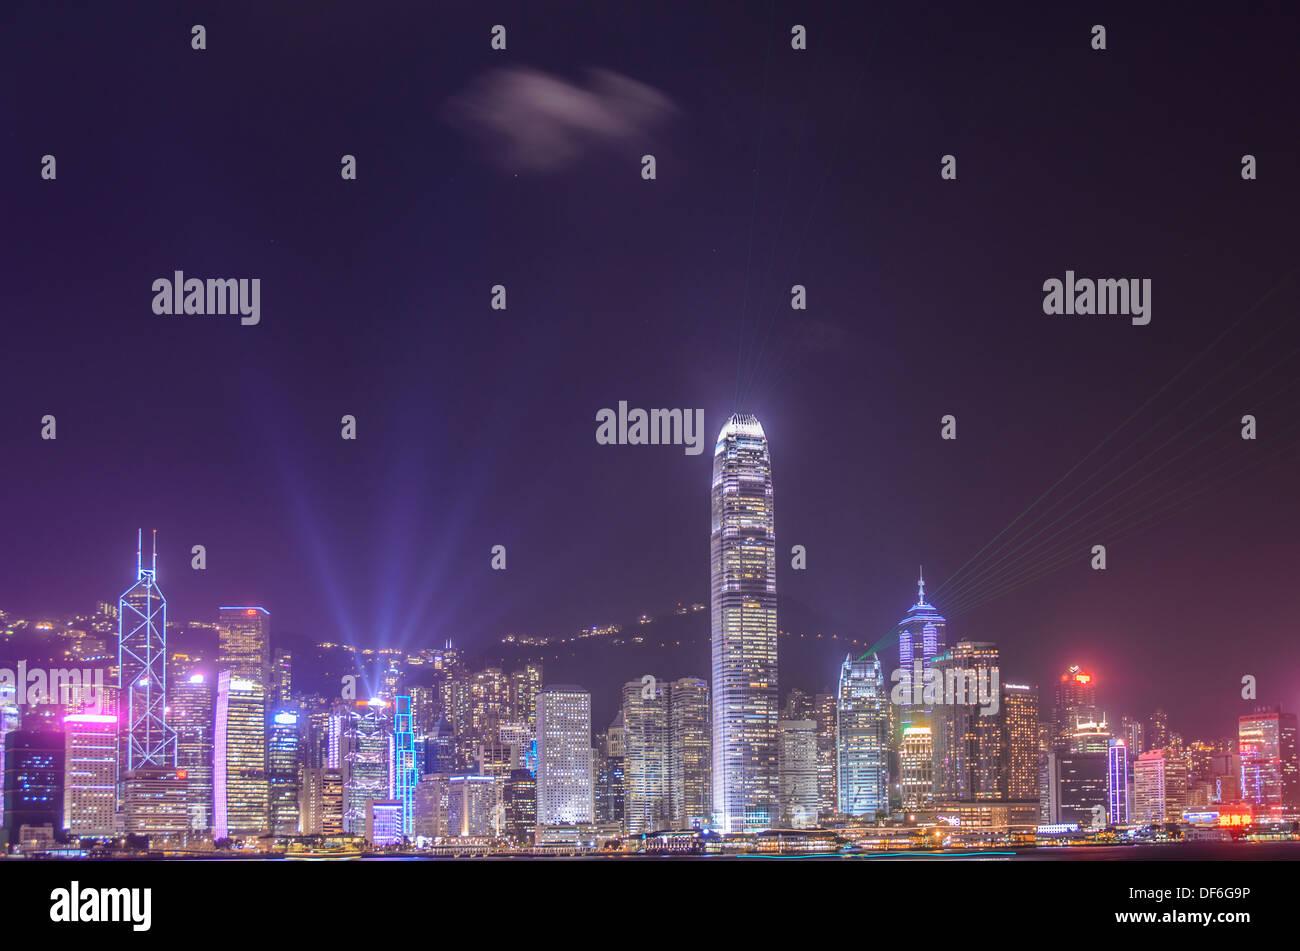 hongkong,building business,skyscraper,tower - Stock Image